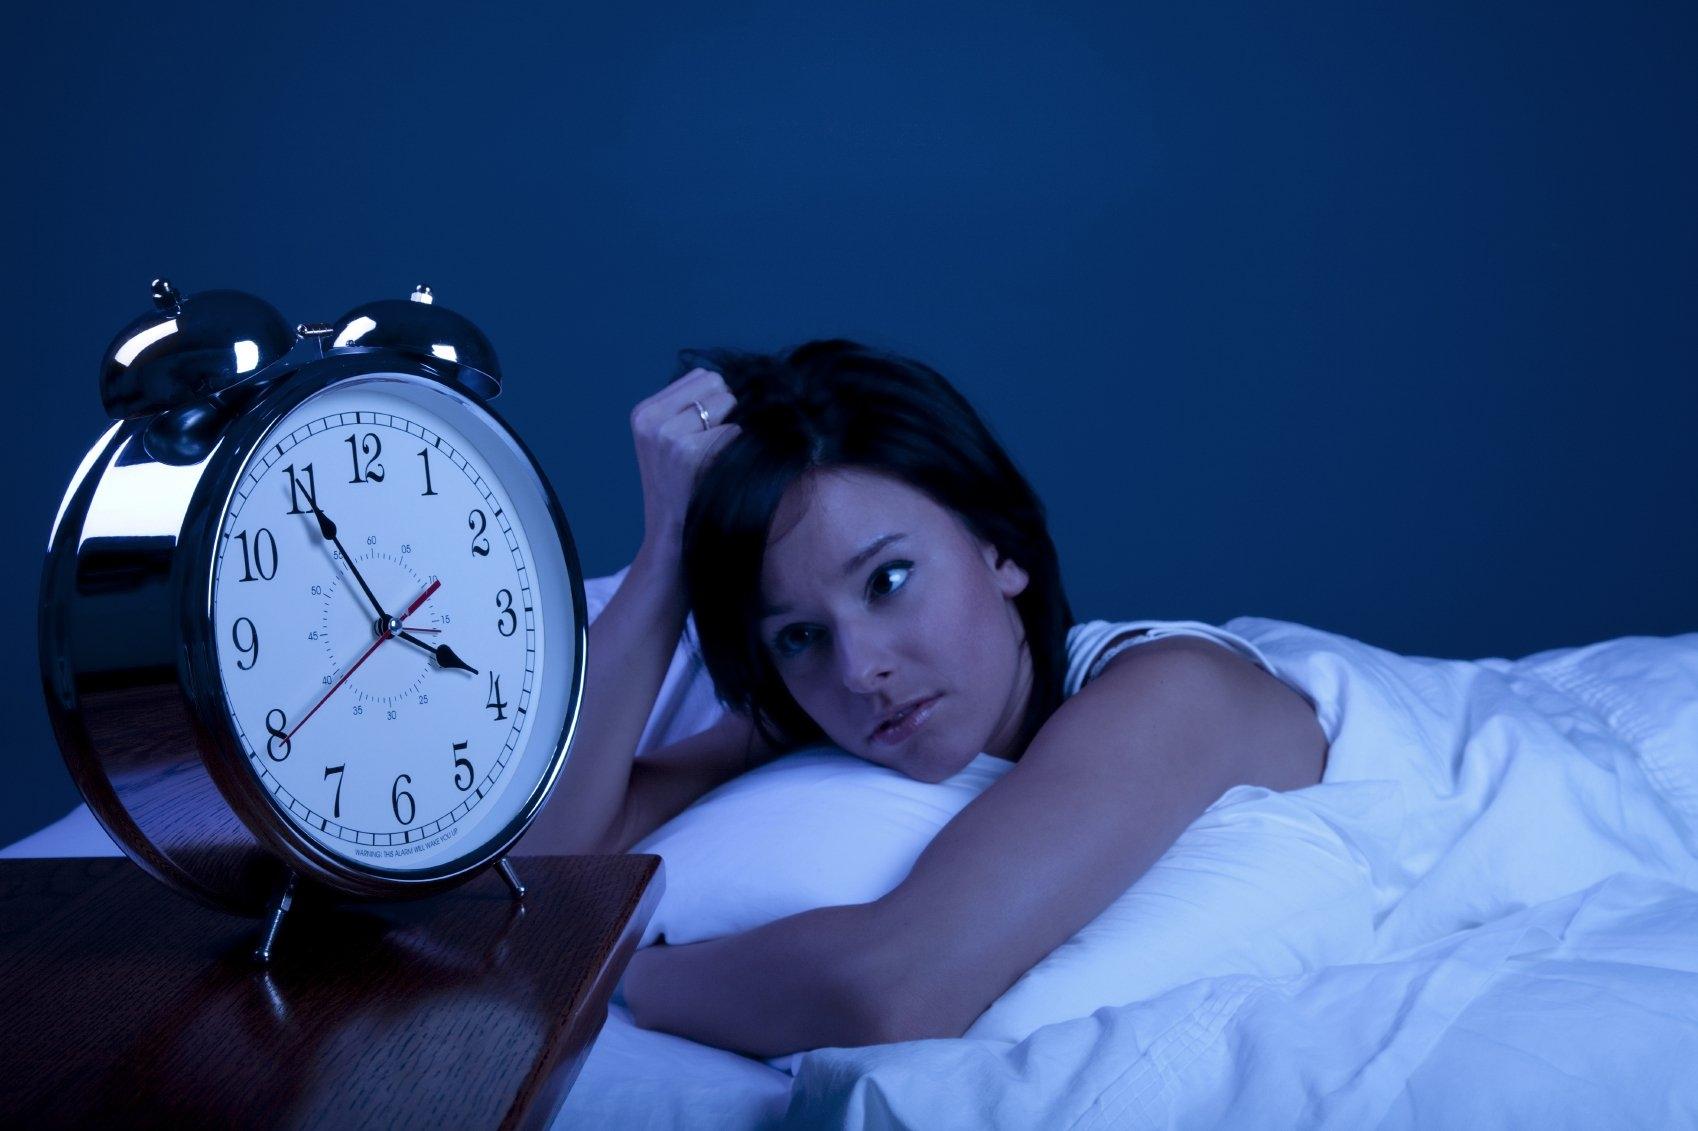 Hình ảnh cô nàng khó ngủ nhìn đồng hồ